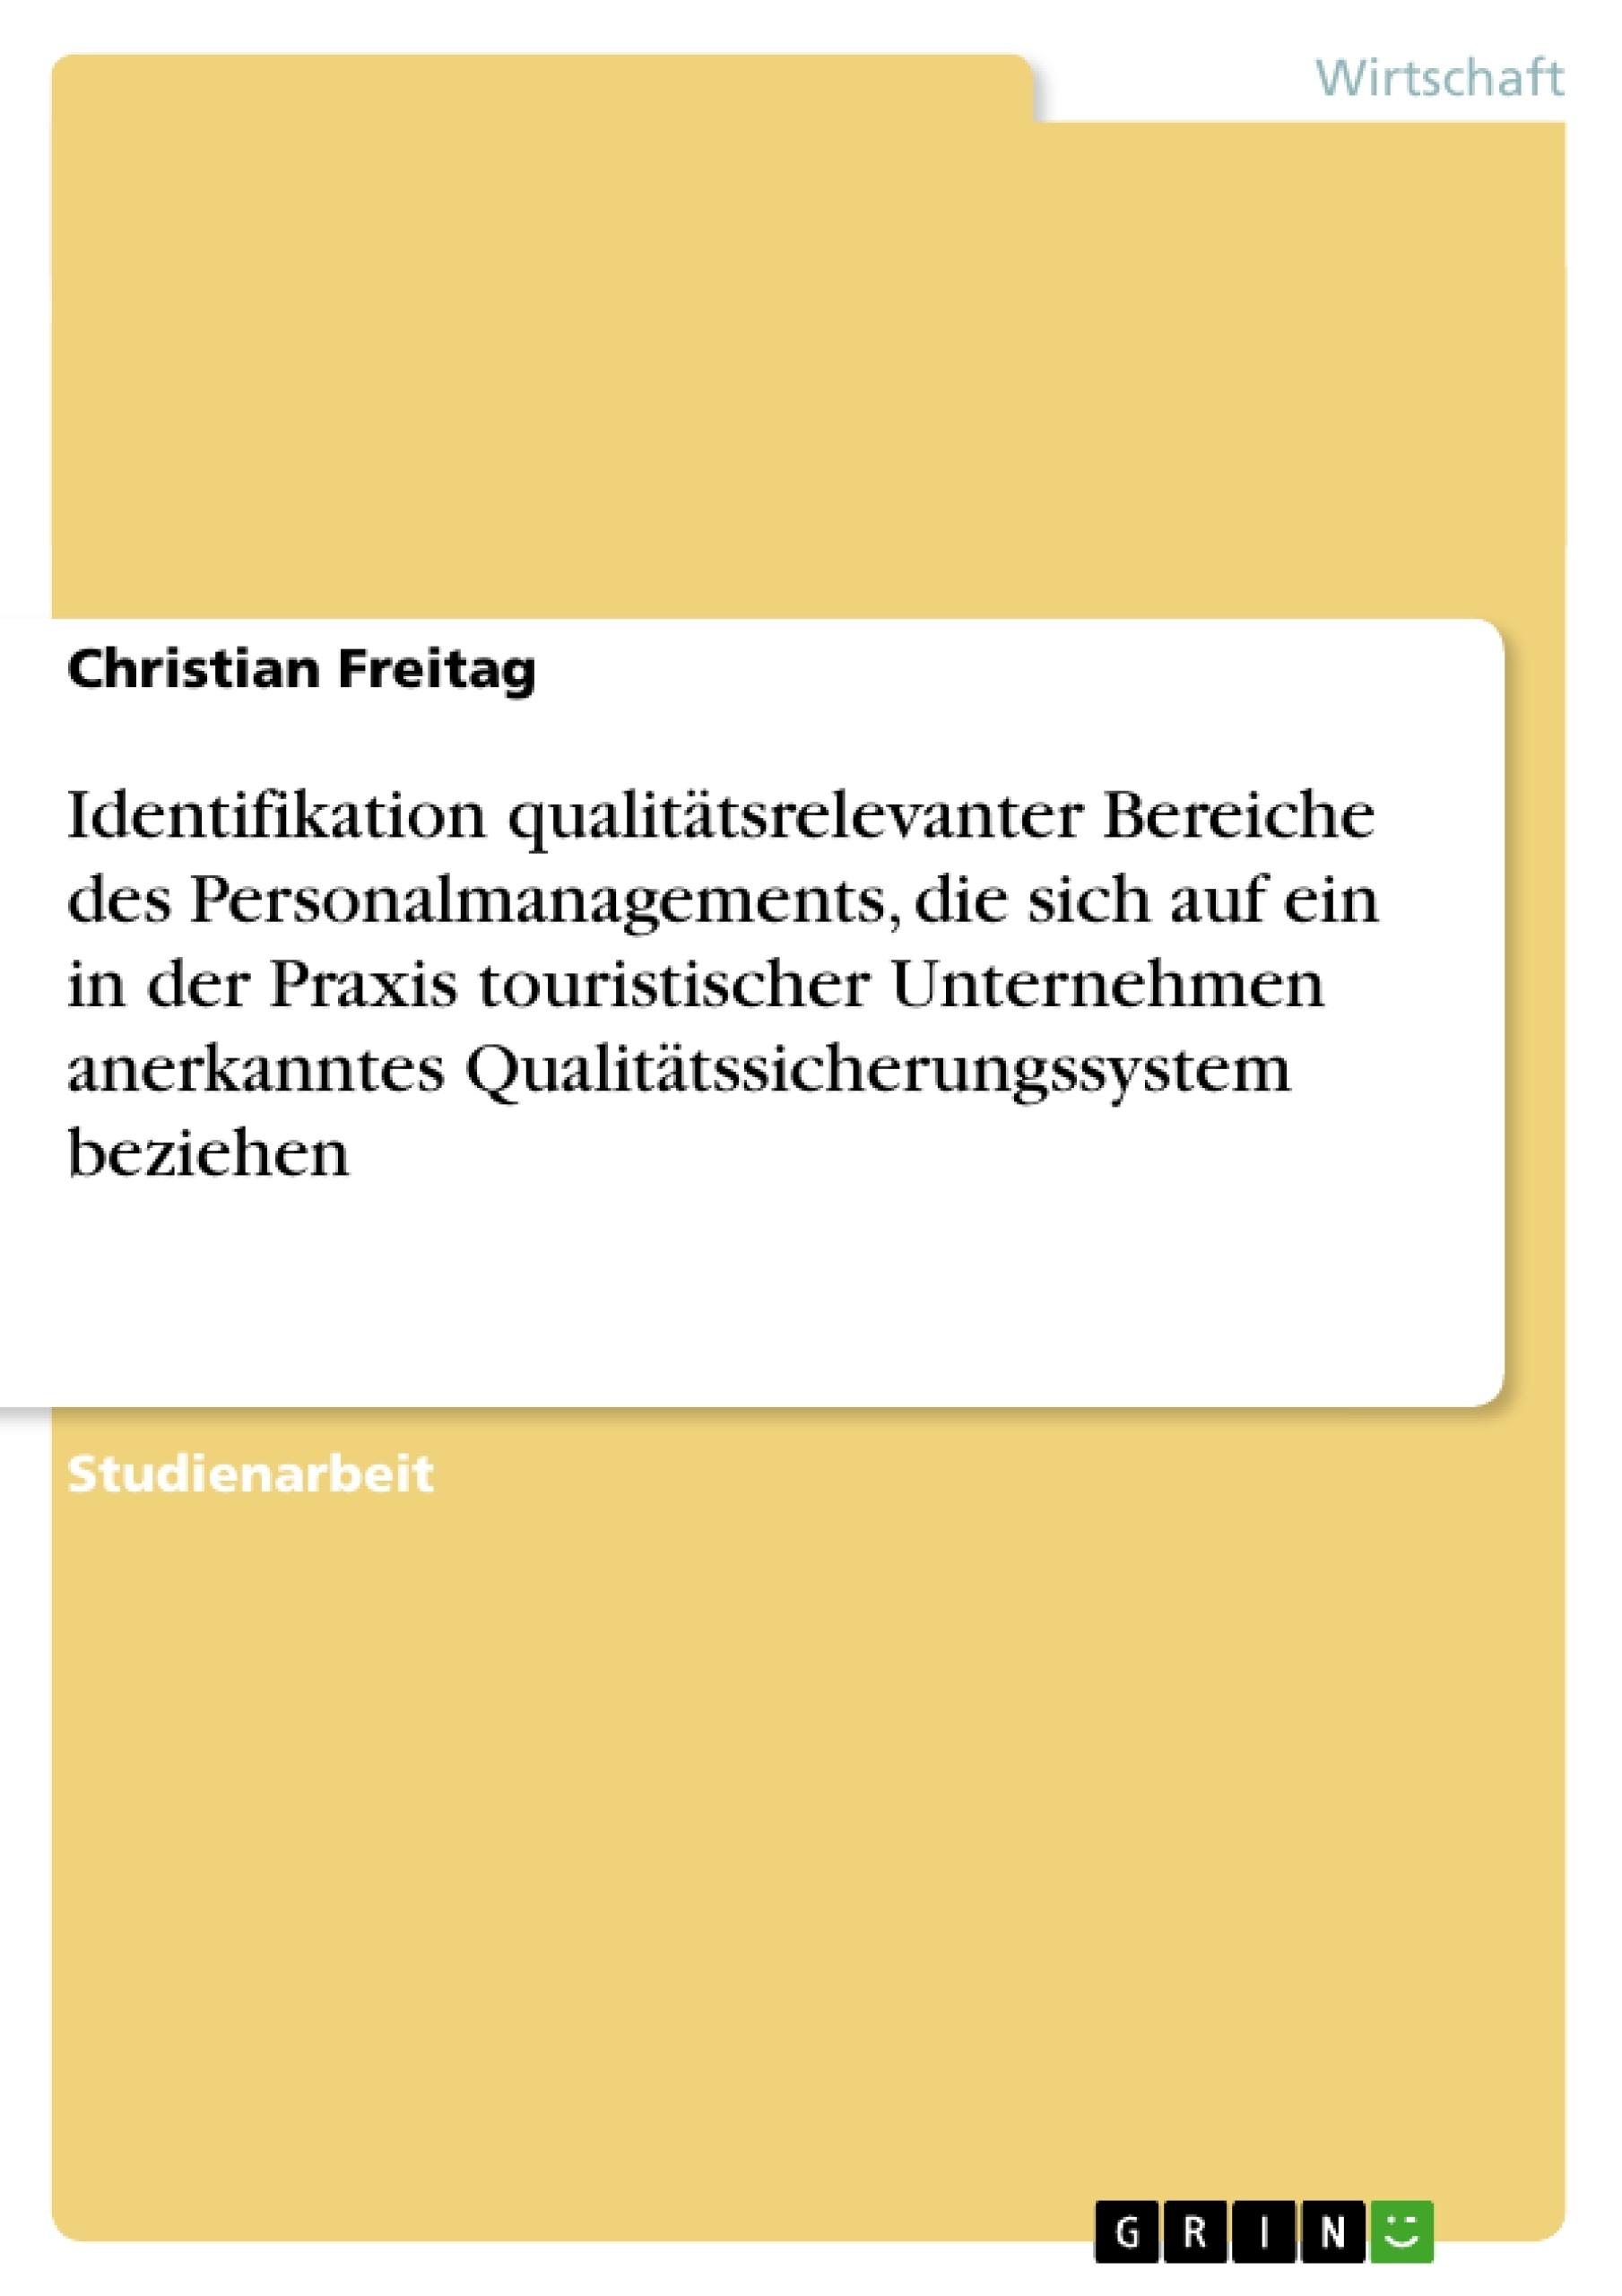 Titel: Identifikation qualitätsrelevanter Bereiche des Personalmanagements, die sich auf ein in der Praxis touristischer Unternehmen anerkanntes Qualitätssicherungssystem beziehen